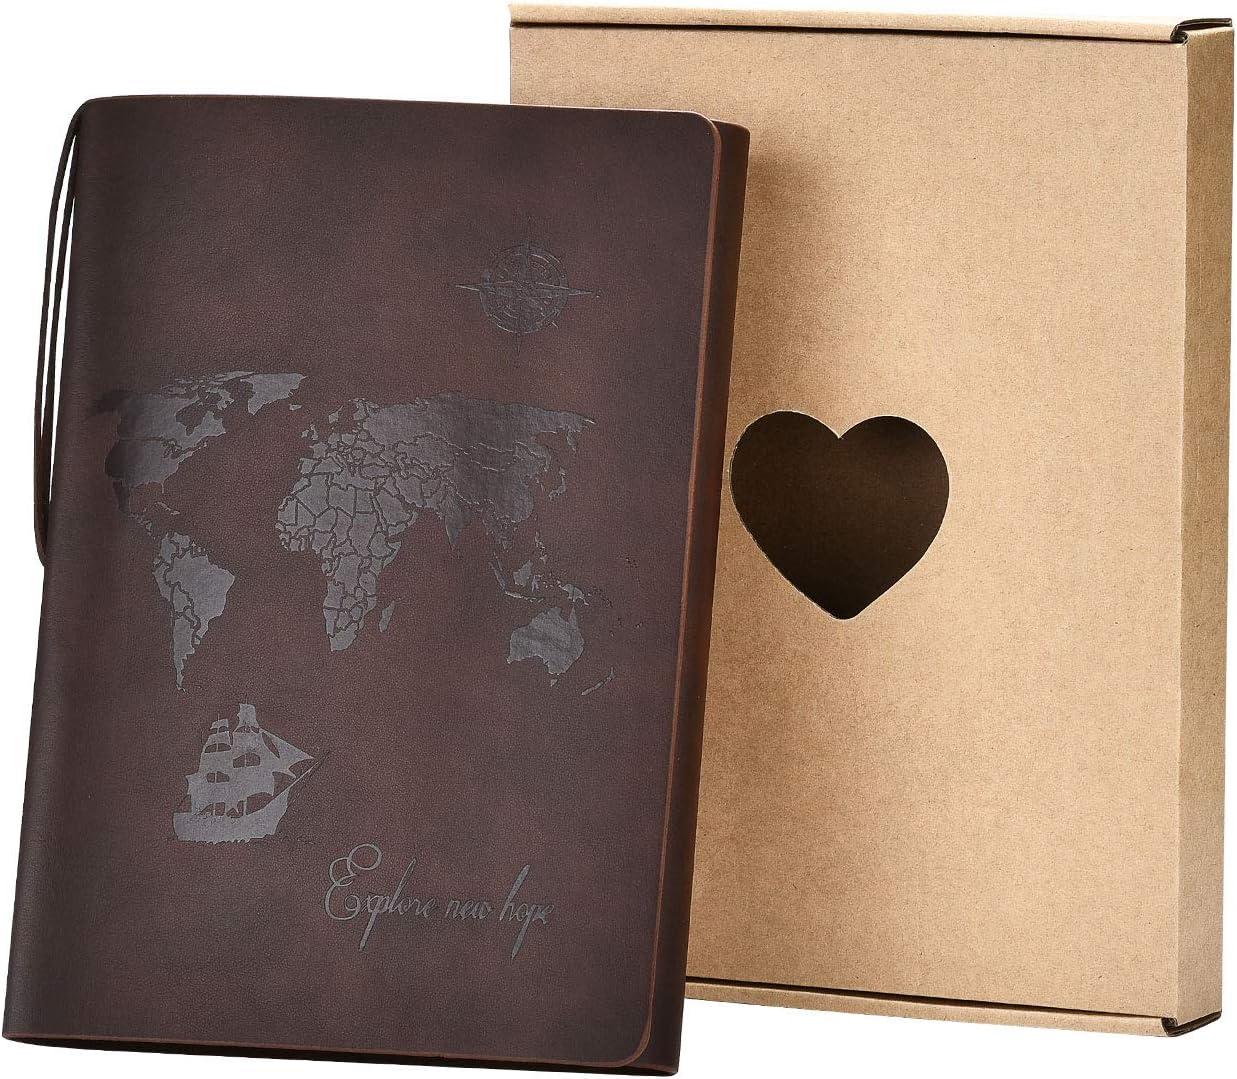 SEEALLDE A5 Cuaderno de Cuero Libreta Hojas Blancas Cuaderno de Viaje Vintage Rellenable Bloc Notas Diarios para Escribir Pintura Regalos de Navidad San Valentín Cumpleaños Aniversario Madre(Café A5)